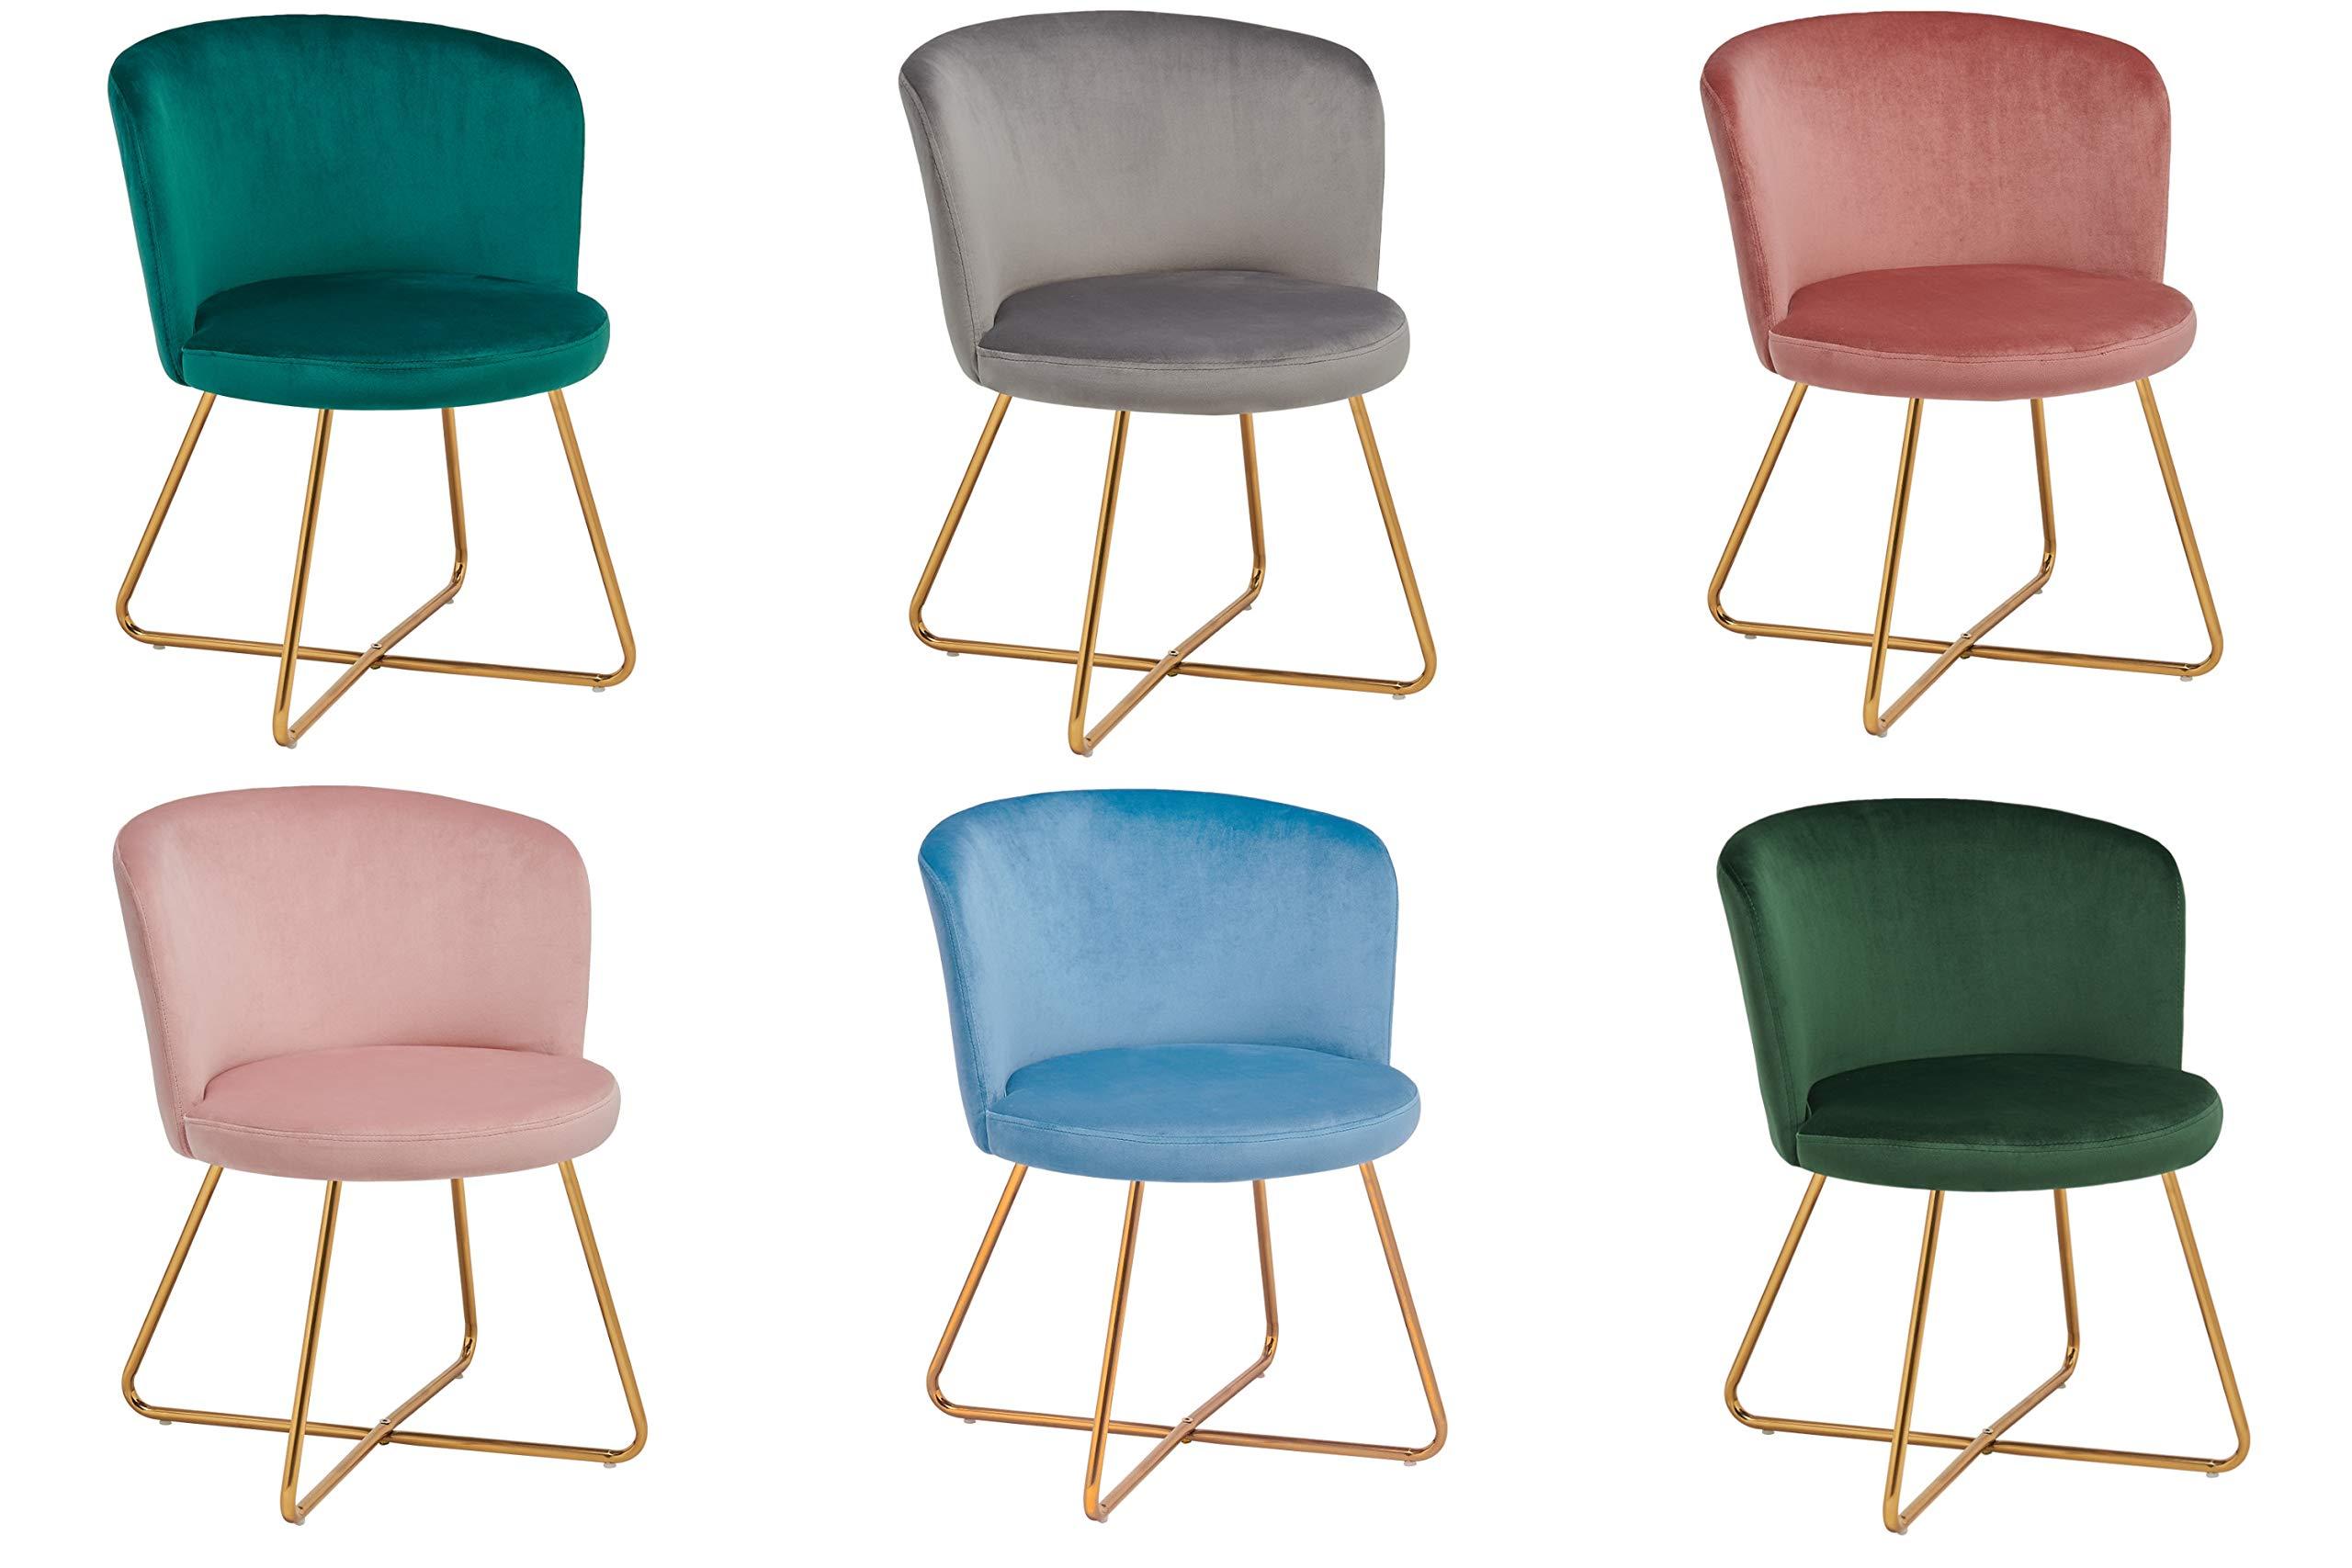 Duhome 2er Set Esszimmerstuhl aus Stoff Samt Hell Blau Polsterstuhl Retro Design Stuhl mit Rückenlehne Besucherstuhl Metallbeine Farbauswahl 8076X 1